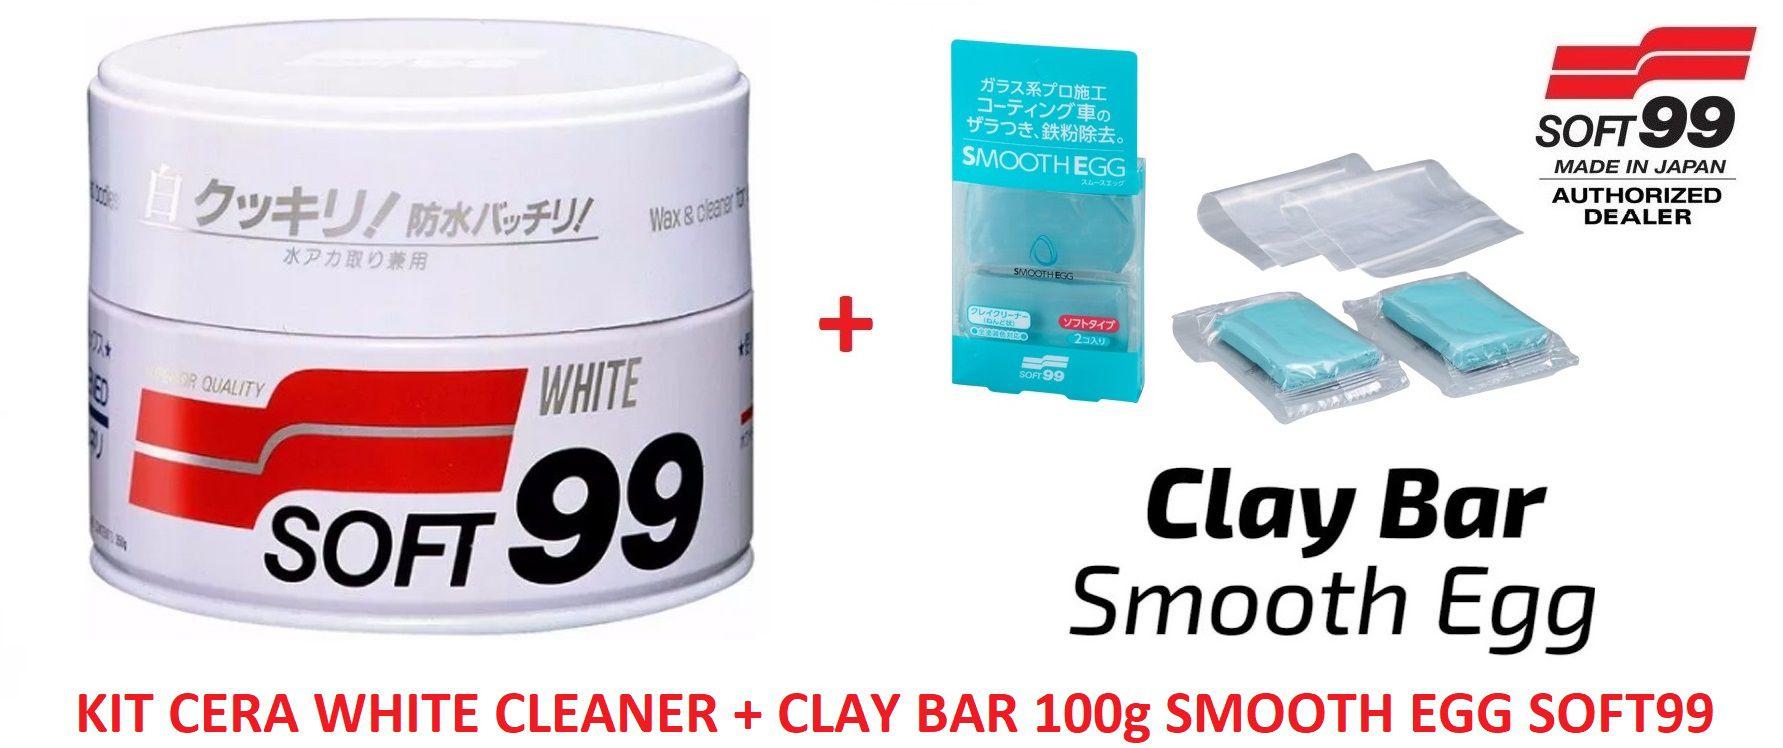 Kit Cera Carnaúba Carros Brancos 350g Soft99 White Wax Cleaner + Smooth Egg Clay Bar Soft99 Com 2 Unidades Soft99 Descontamin  